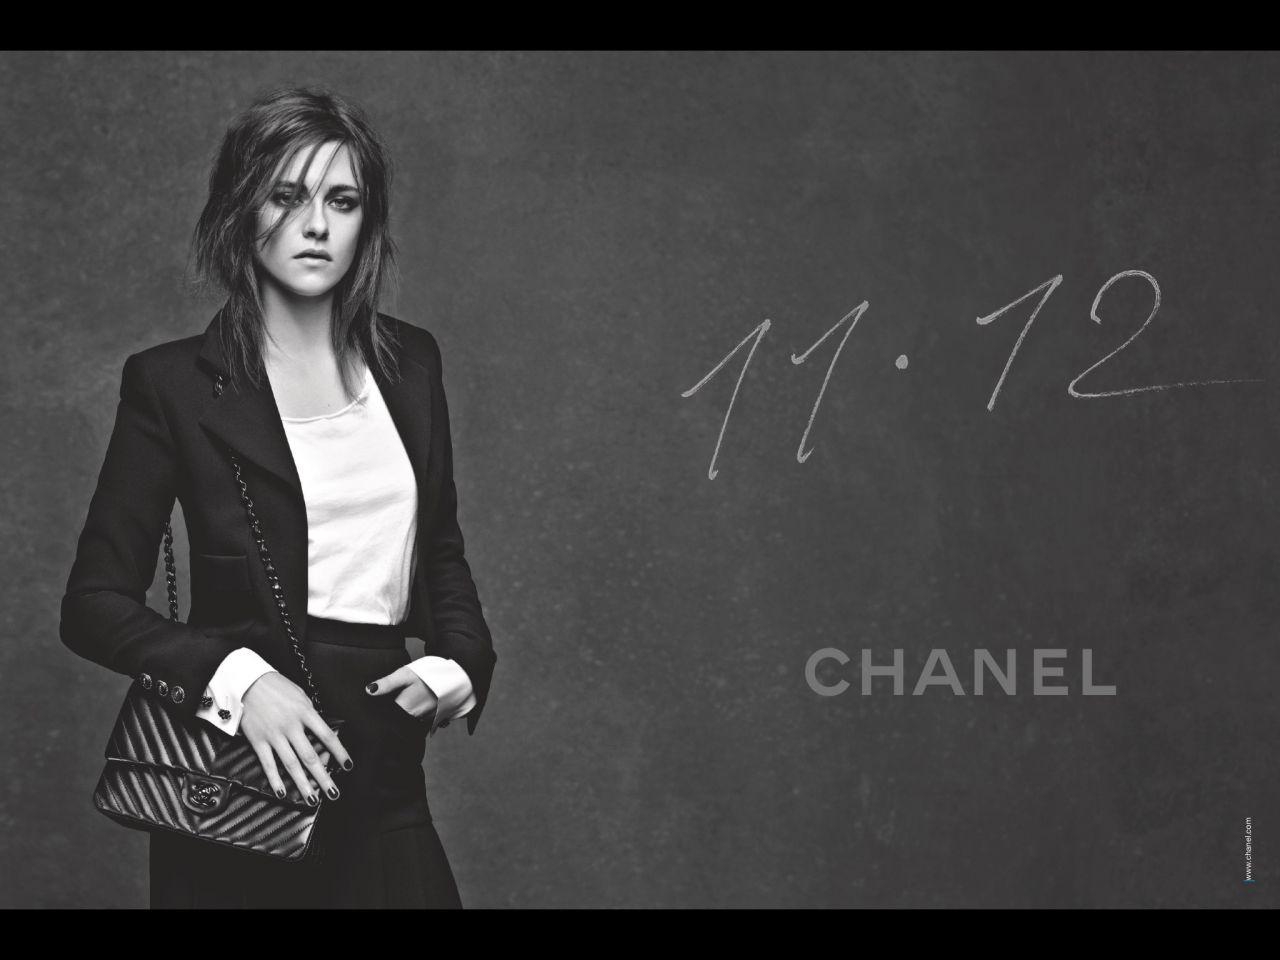 Kristen Stewart - Chanel 11.12 Campaign Photoshoot